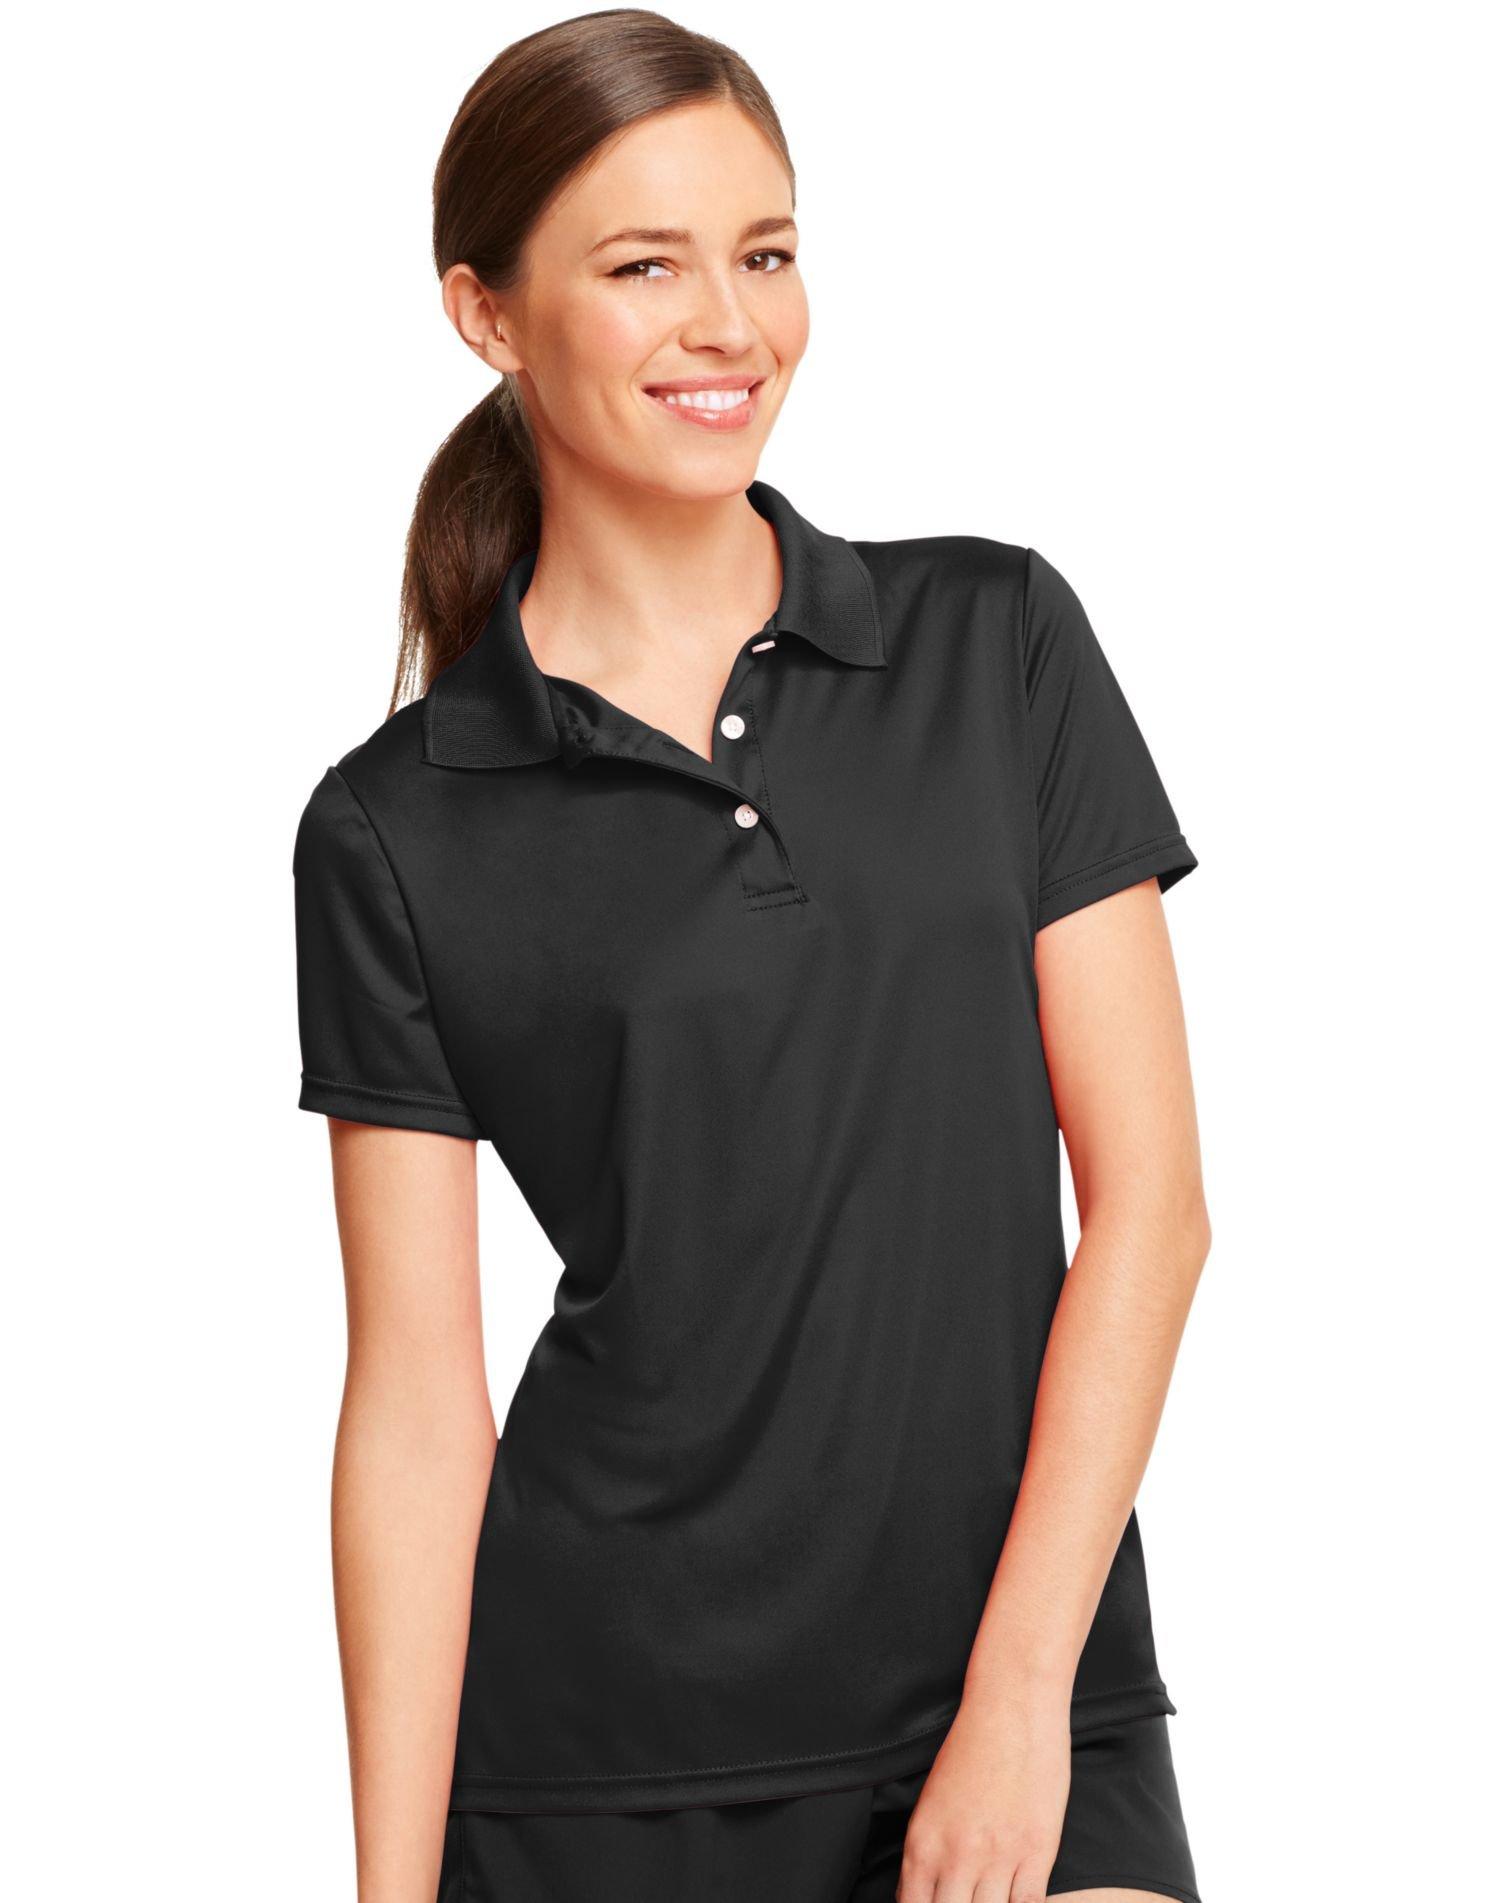 Hanes Women's Cool DRI Sportshirt